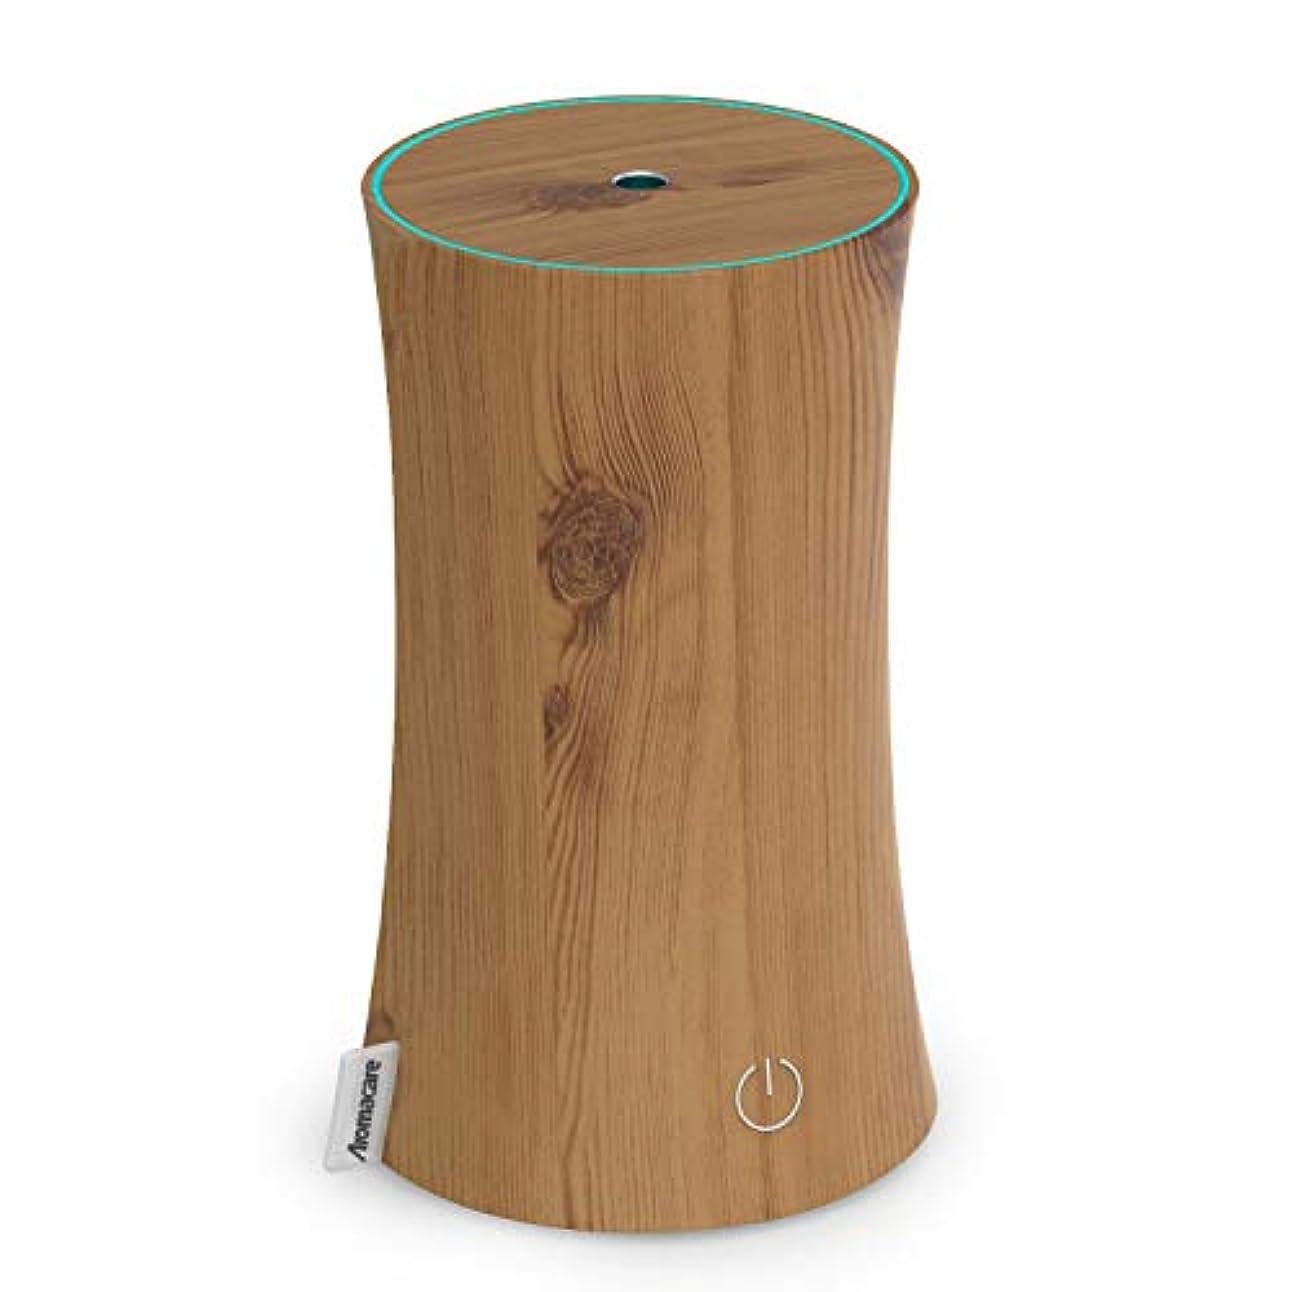 もろい中断民間アロマディフューザー 卓上加湿器 センサー付き 超音波式 空焚き防止 低騒音 300ml 連続運転 各場所用 省エネ 木目調 木の色